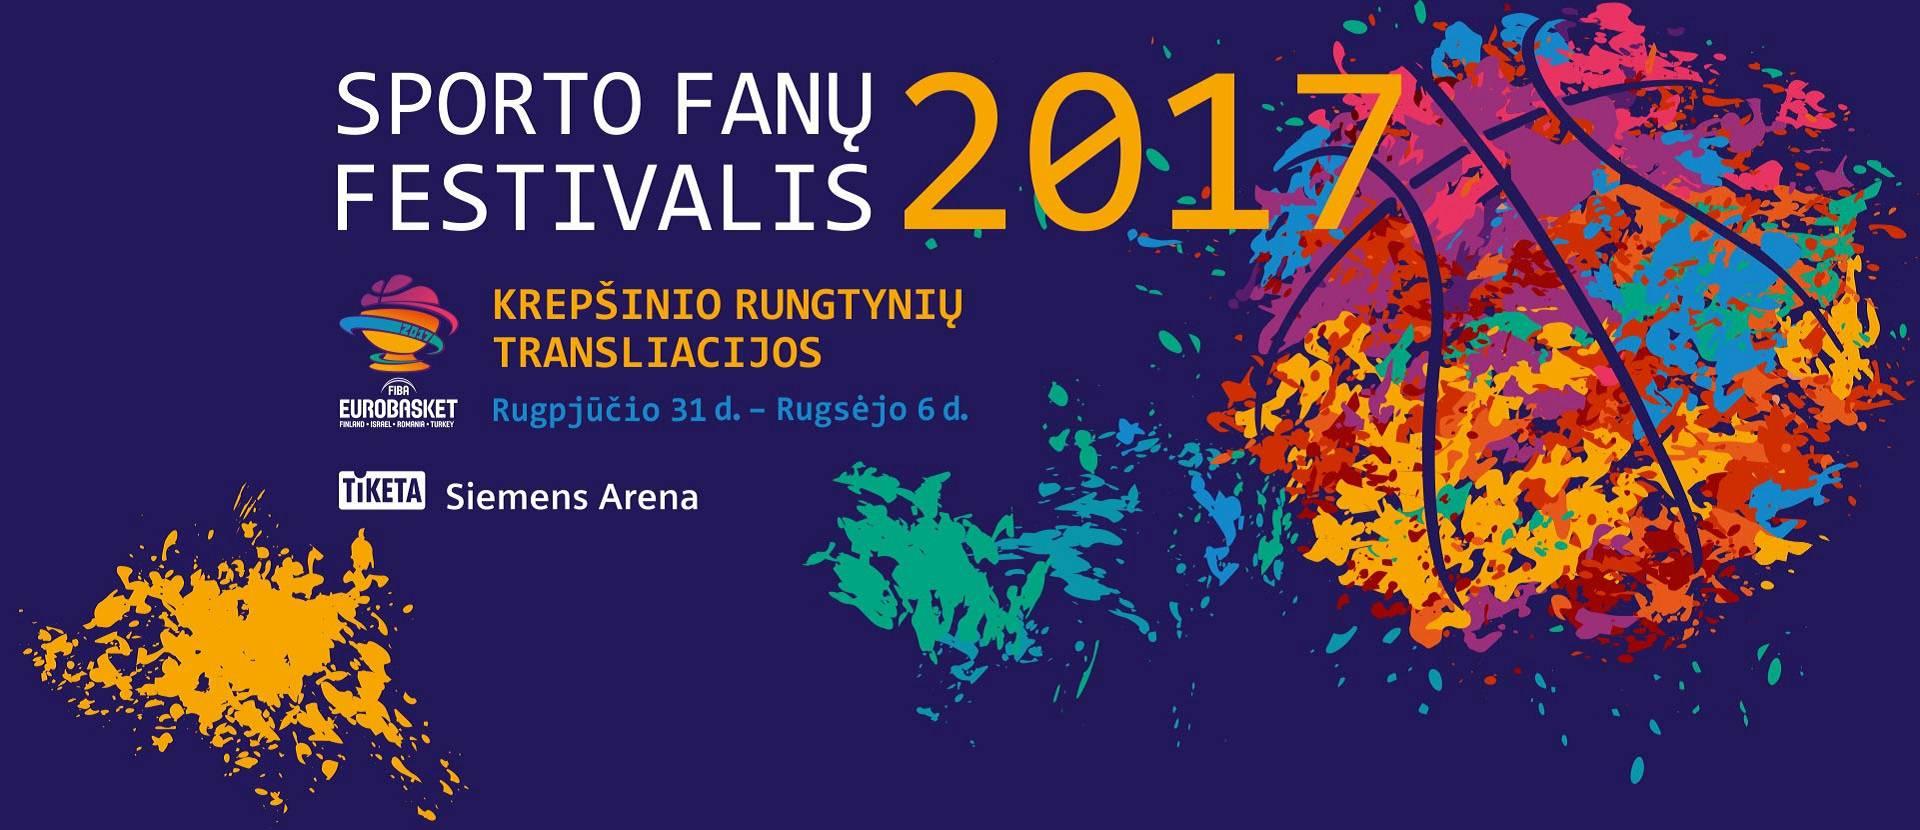 Sporto fanų festivalis ir EuroBasket 2017 rungtynių transliacijos